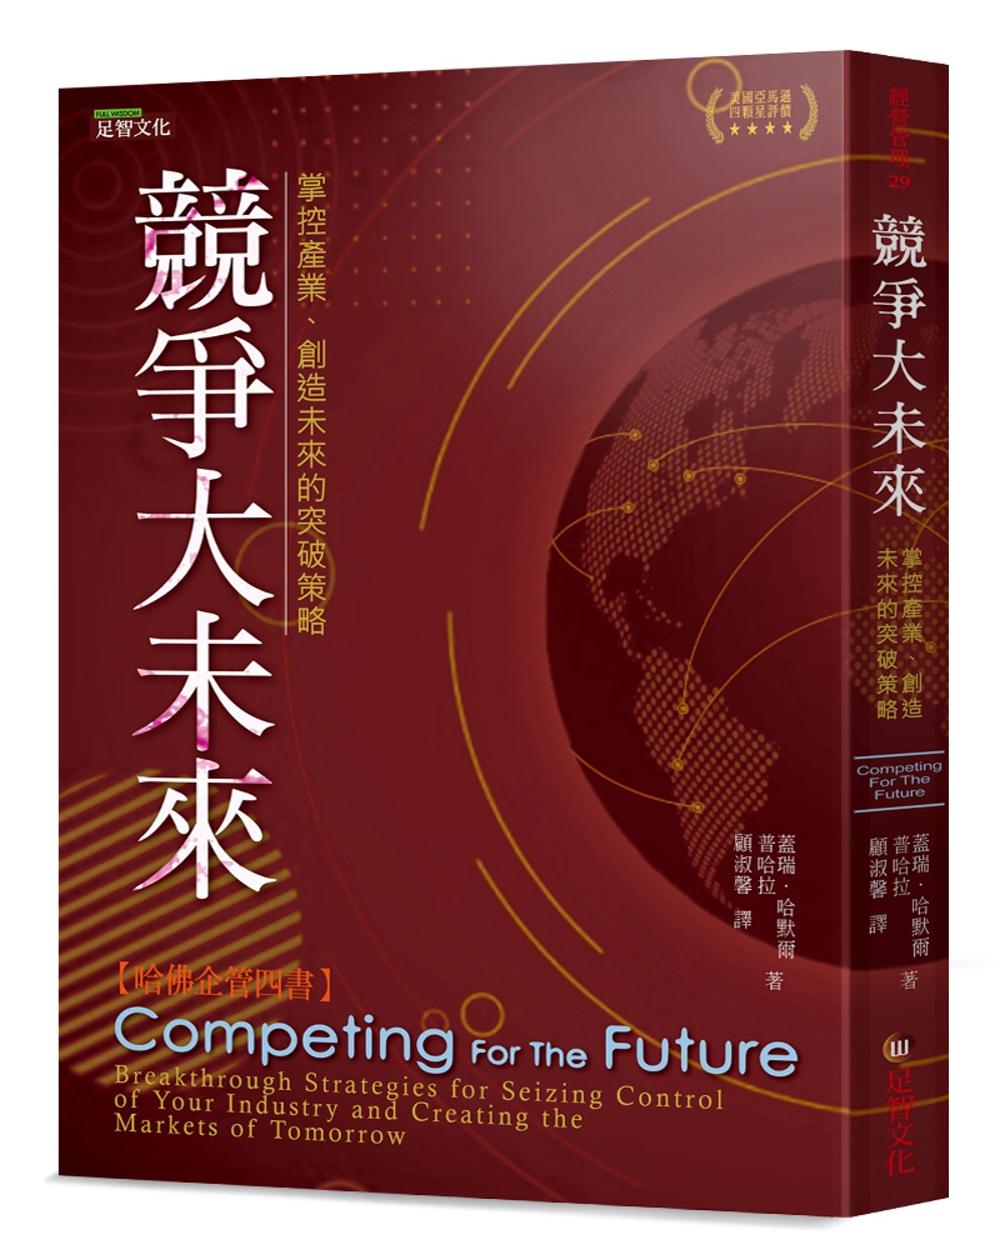 競爭大未來:掌控產業、創造未來...